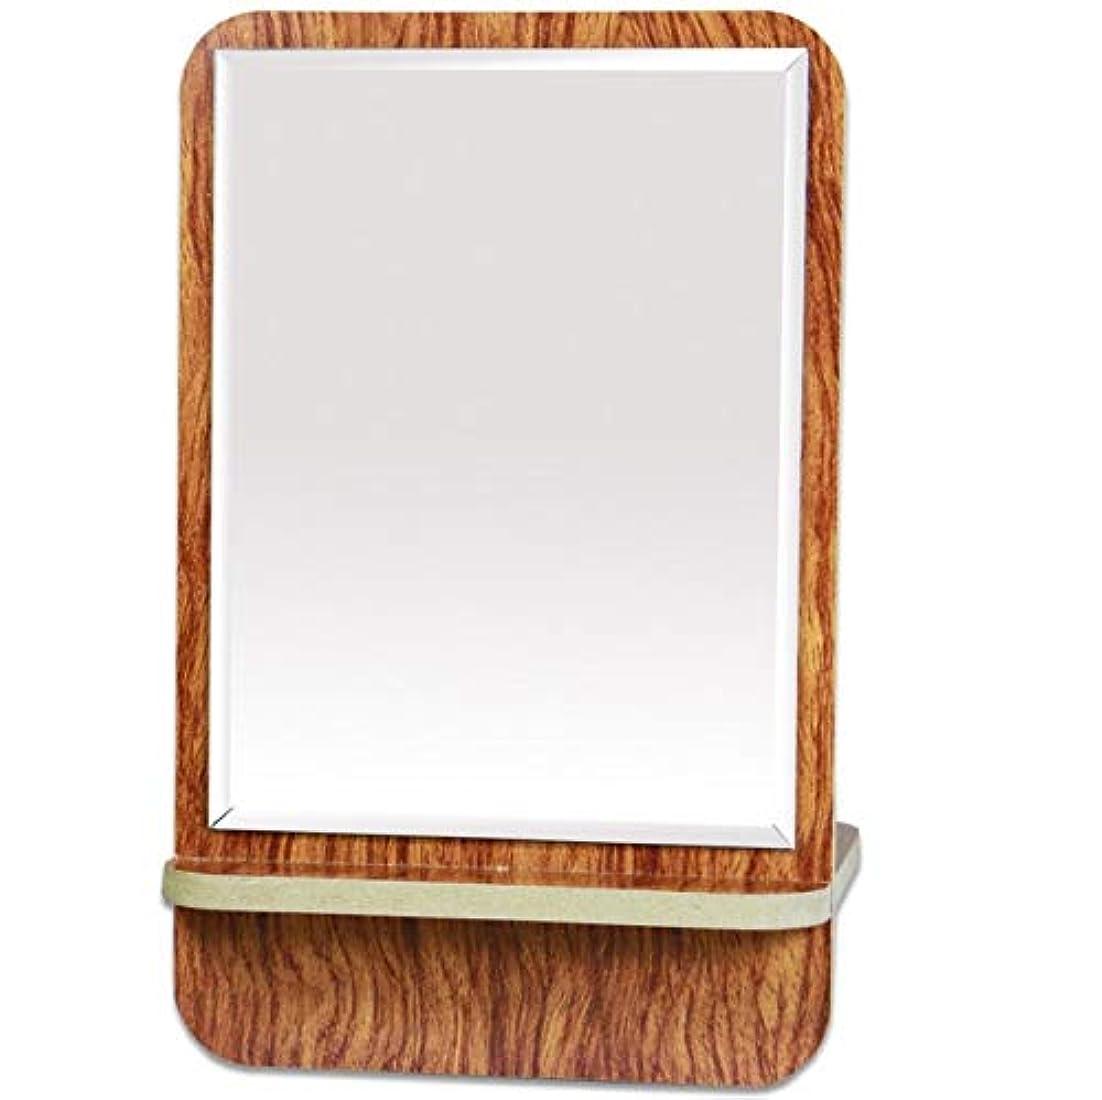 シャイニングセントお別れ化粧鏡、木製の鏡、デスクトップ化粧鏡、化粧ギフト